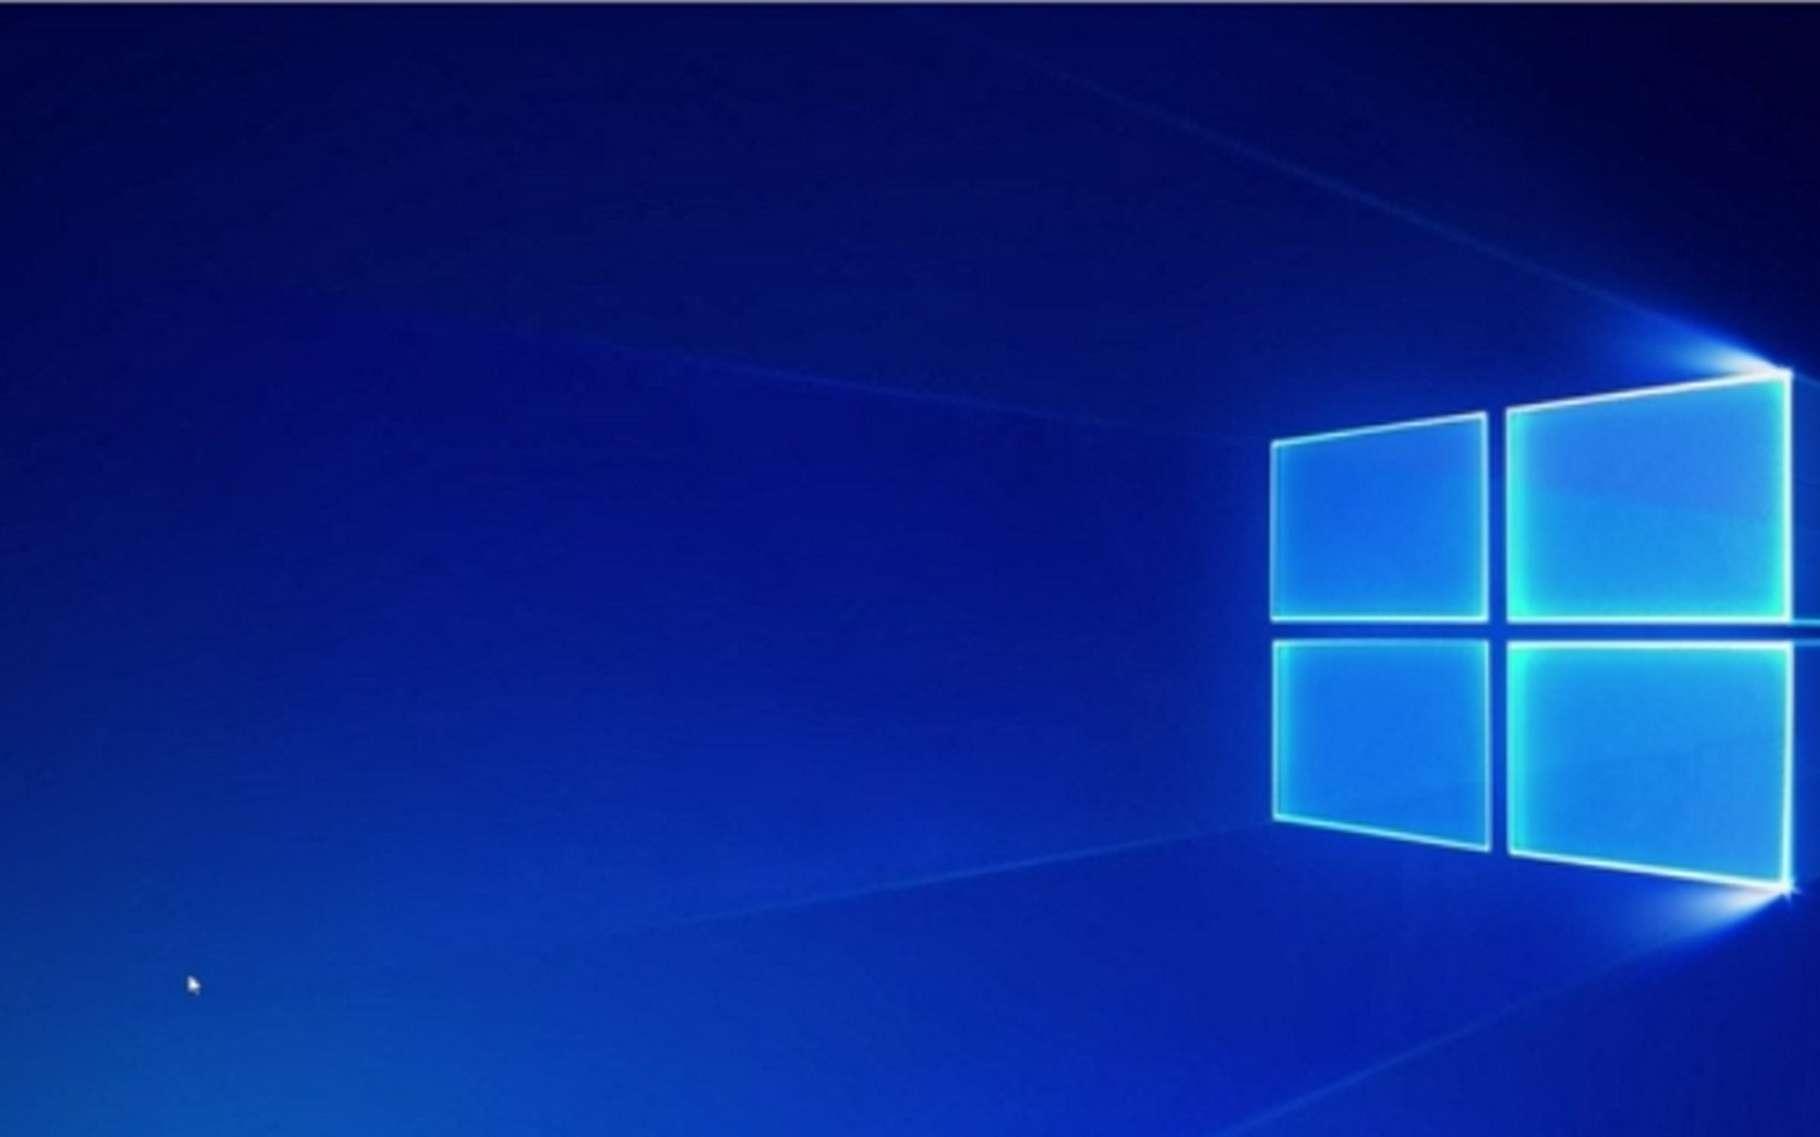 D'apparence, Windows 10 S est globalement identique aux autres versions de Windows 10. La seule petite différence notable est ce logo Windows sur l'arrière-plan du Bureau qui apparaît lors de la première mise en service. © Microsoft